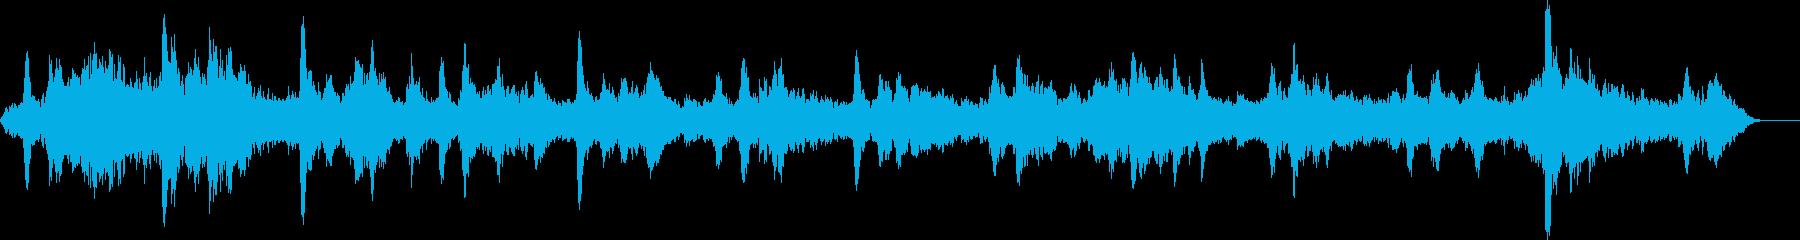 鐘の音が不気味なホラーアンビエントの再生済みの波形